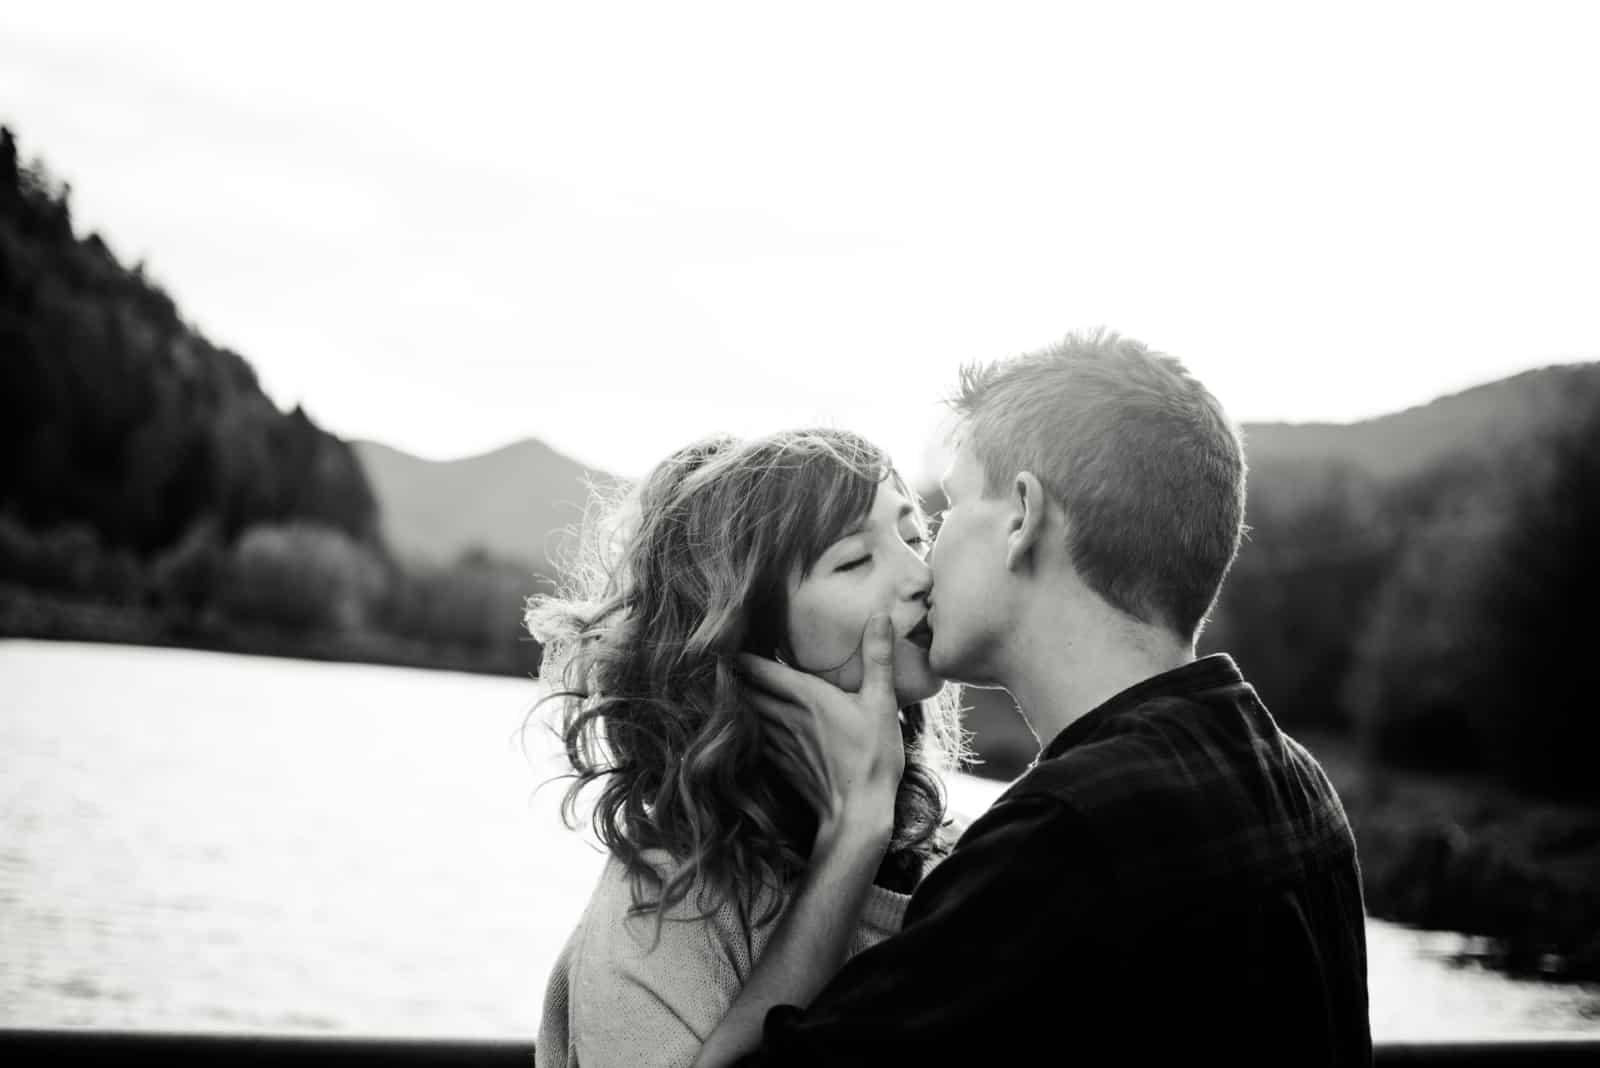 homme et femme s'embrassant près de l'eau